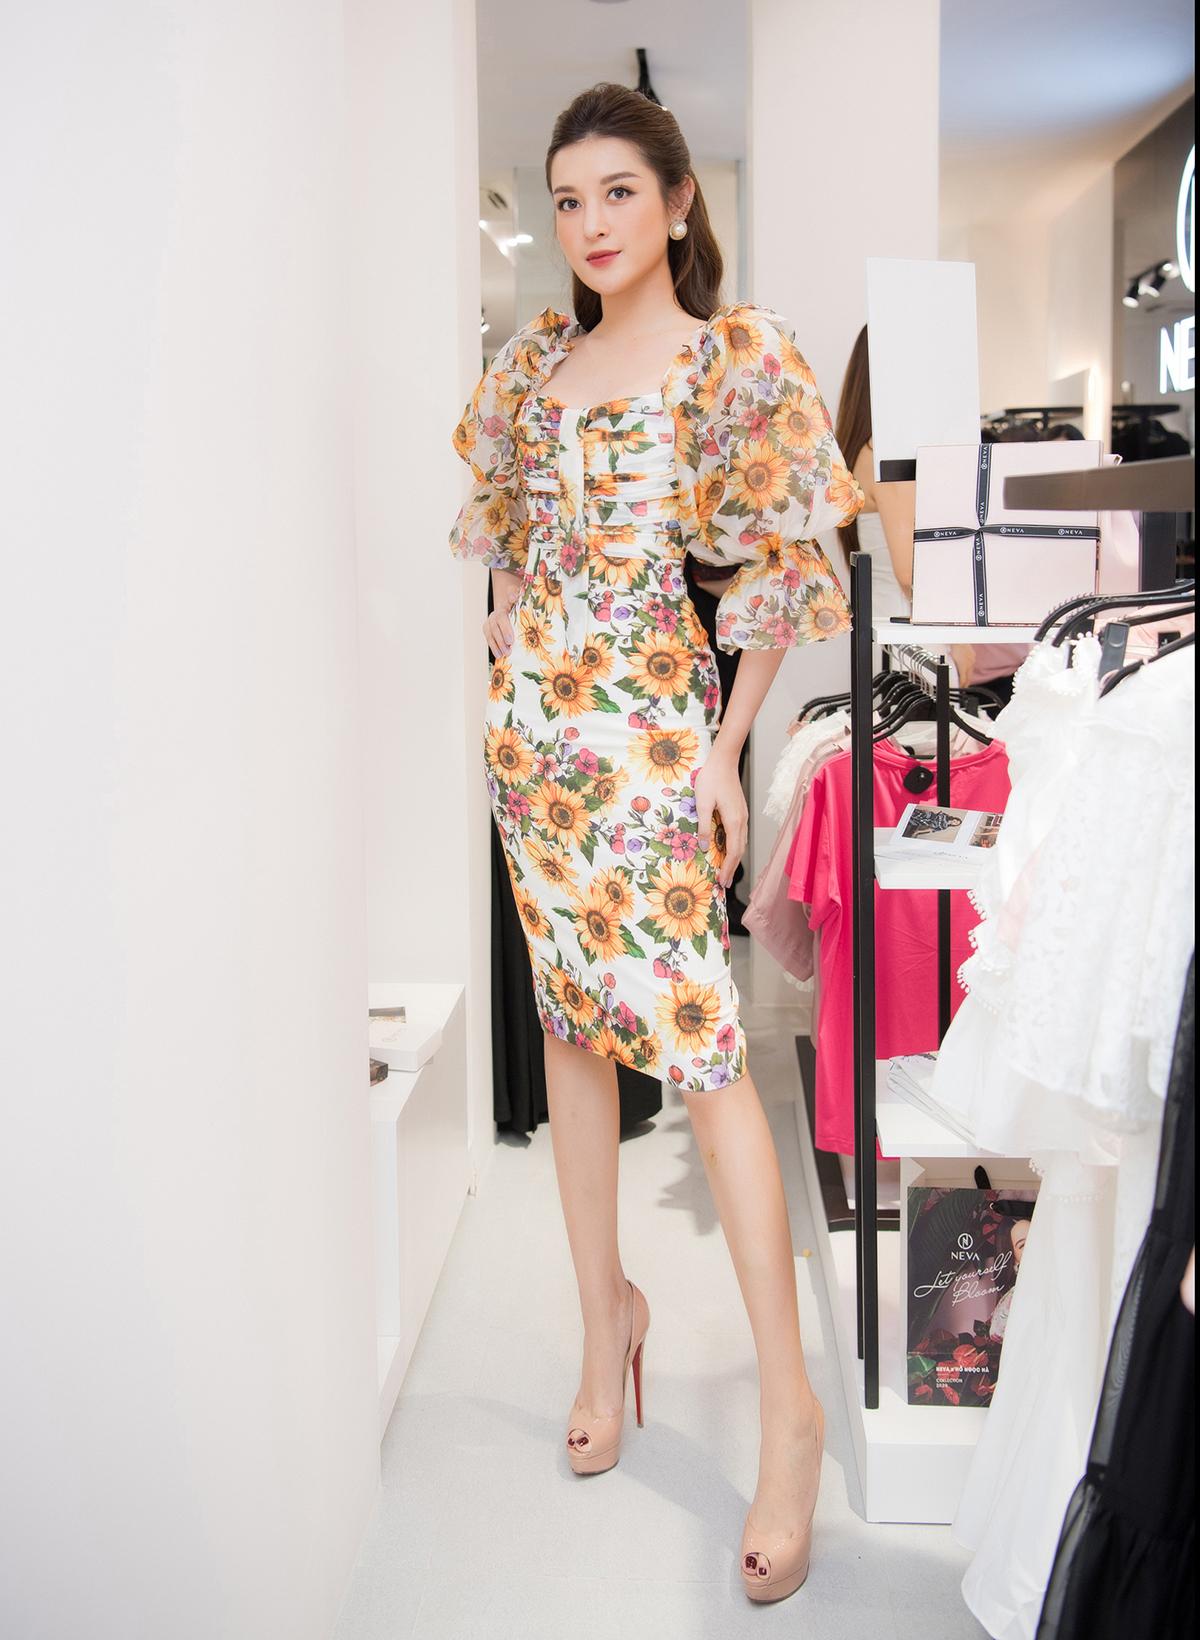 Tham dự một sự kiện thời trang gần đây, Huyền My khoe dáng với bộ đầm bó sát. Chiếc váy họa tiết hoa hướng dương ôm sát đường cong giúp á hậu tôn lên vòng eo thon thả.